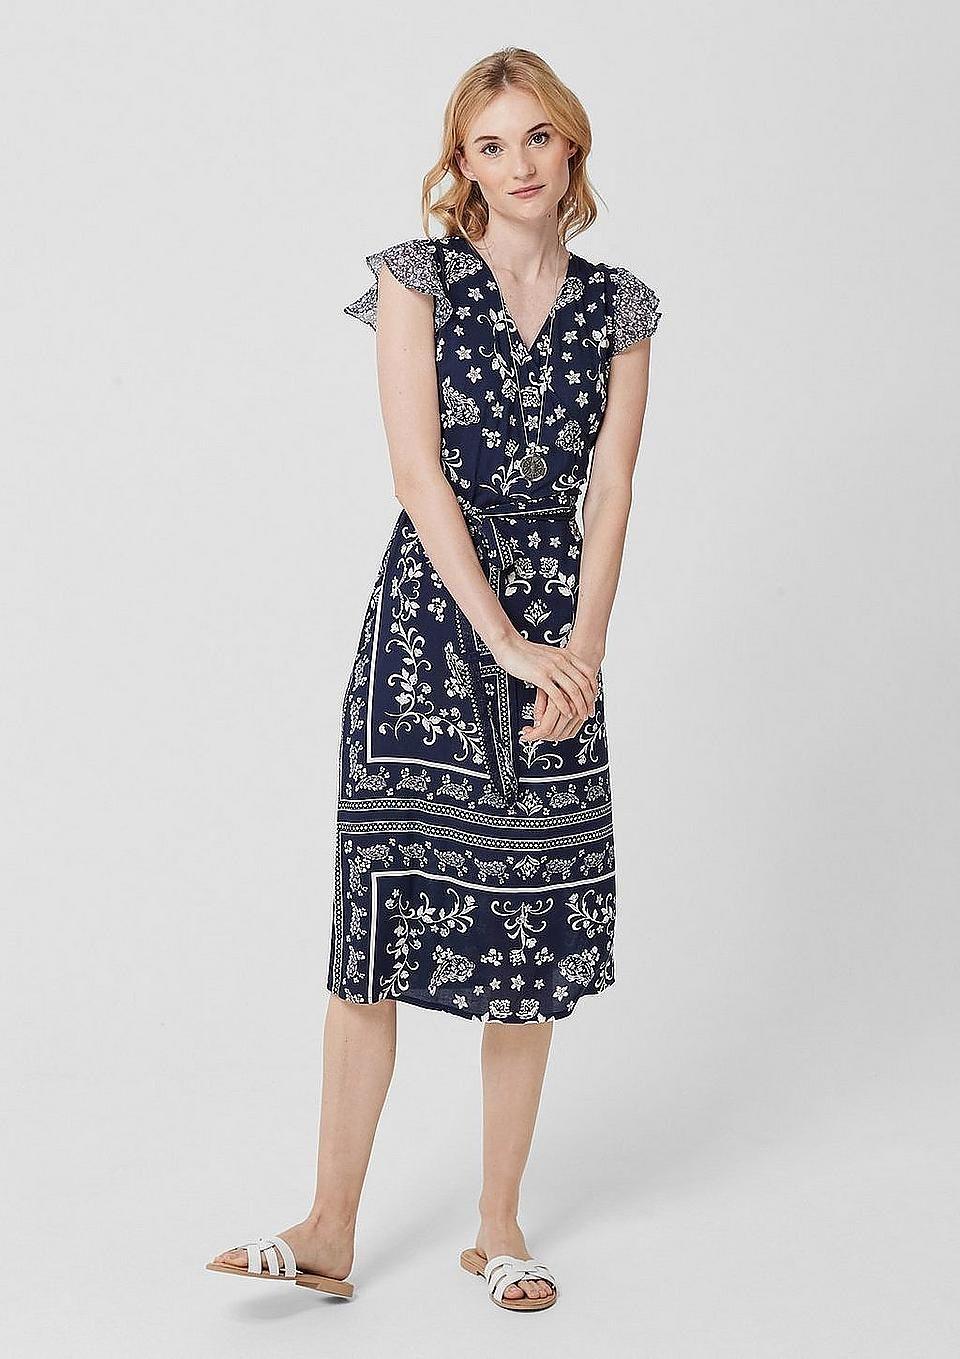 s.oliver kleid für | schöne kleider, modestil, kleid mit ärmel